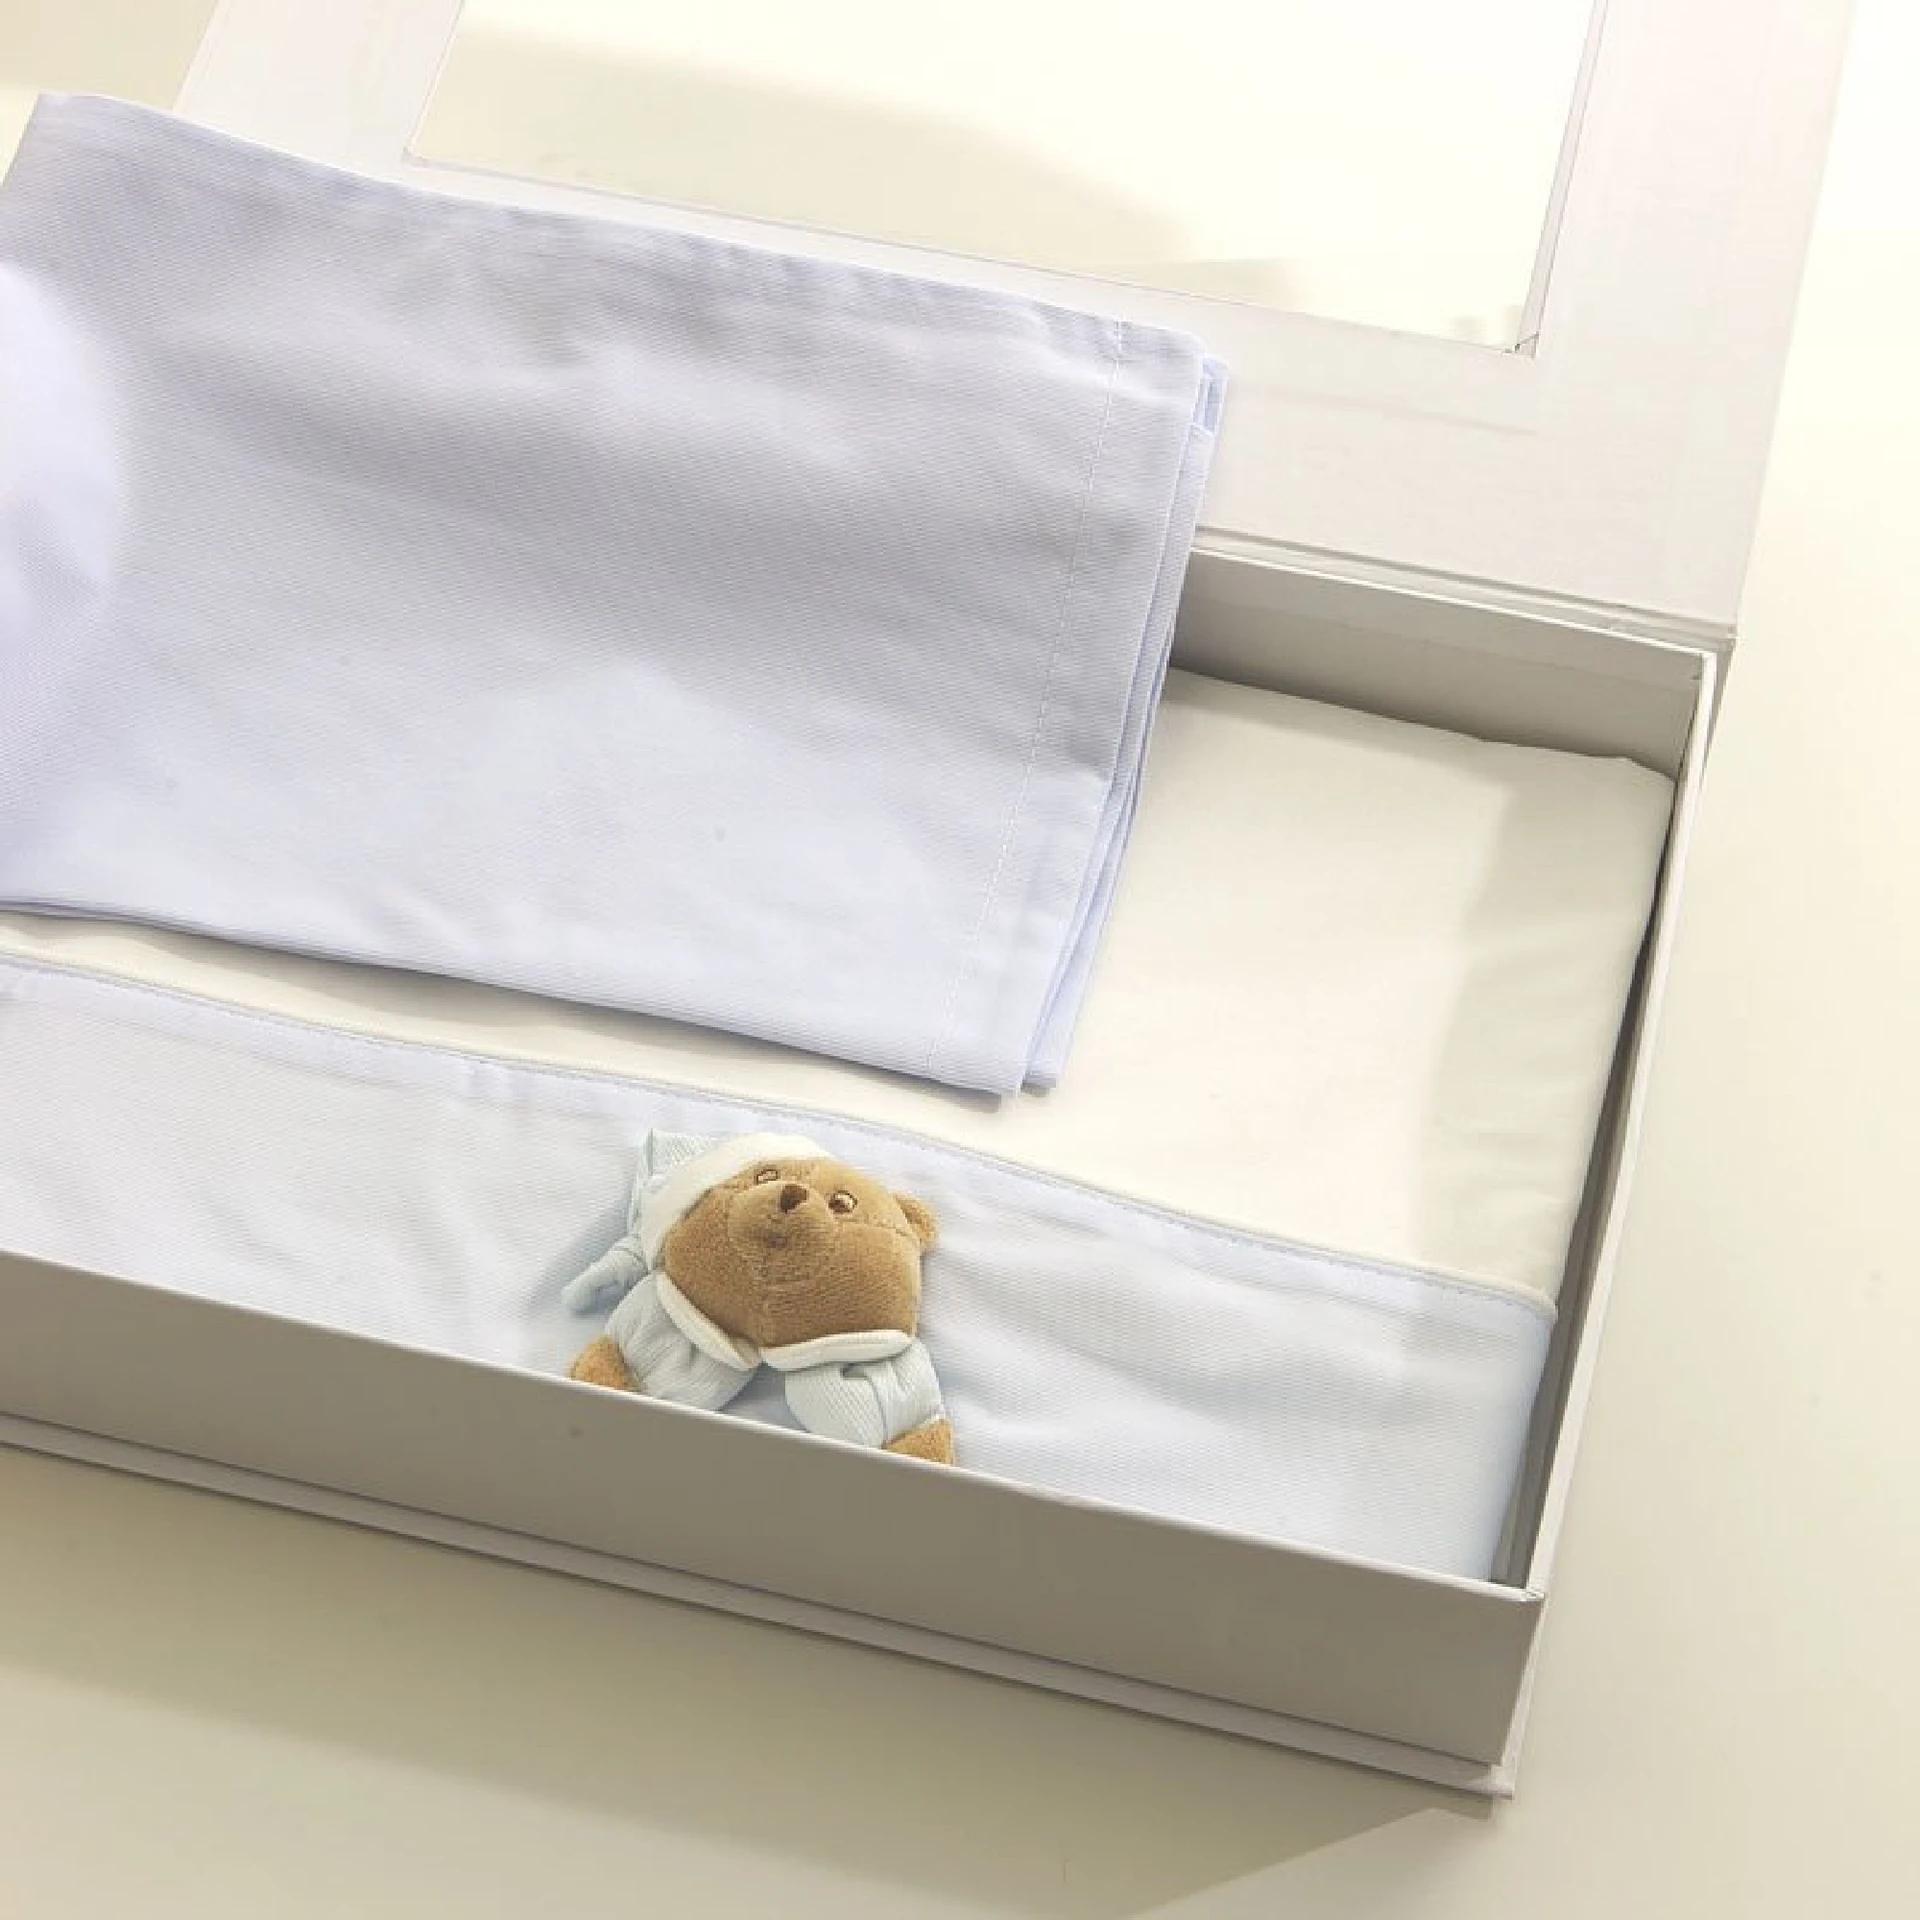 Nanan-Bettwäsche für Puccio Star Hellblaues Kinderbett